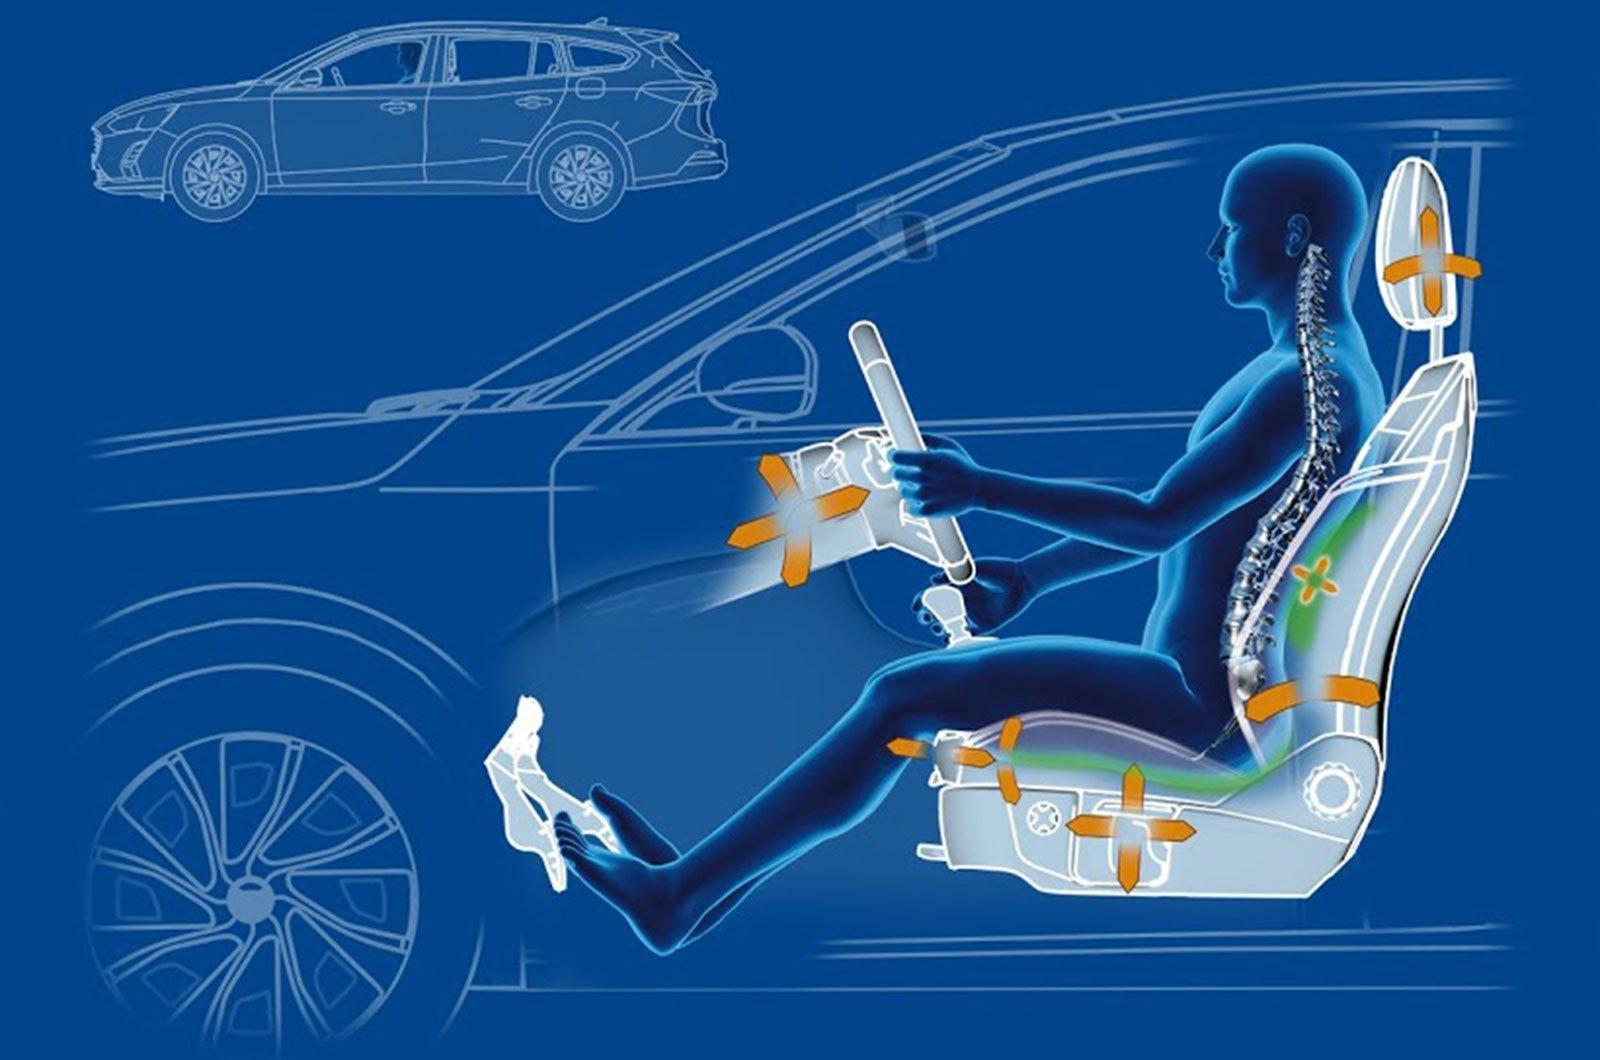 Gợi ý tuyệt chiêu giúp người lái ô tô không bị đau lưng